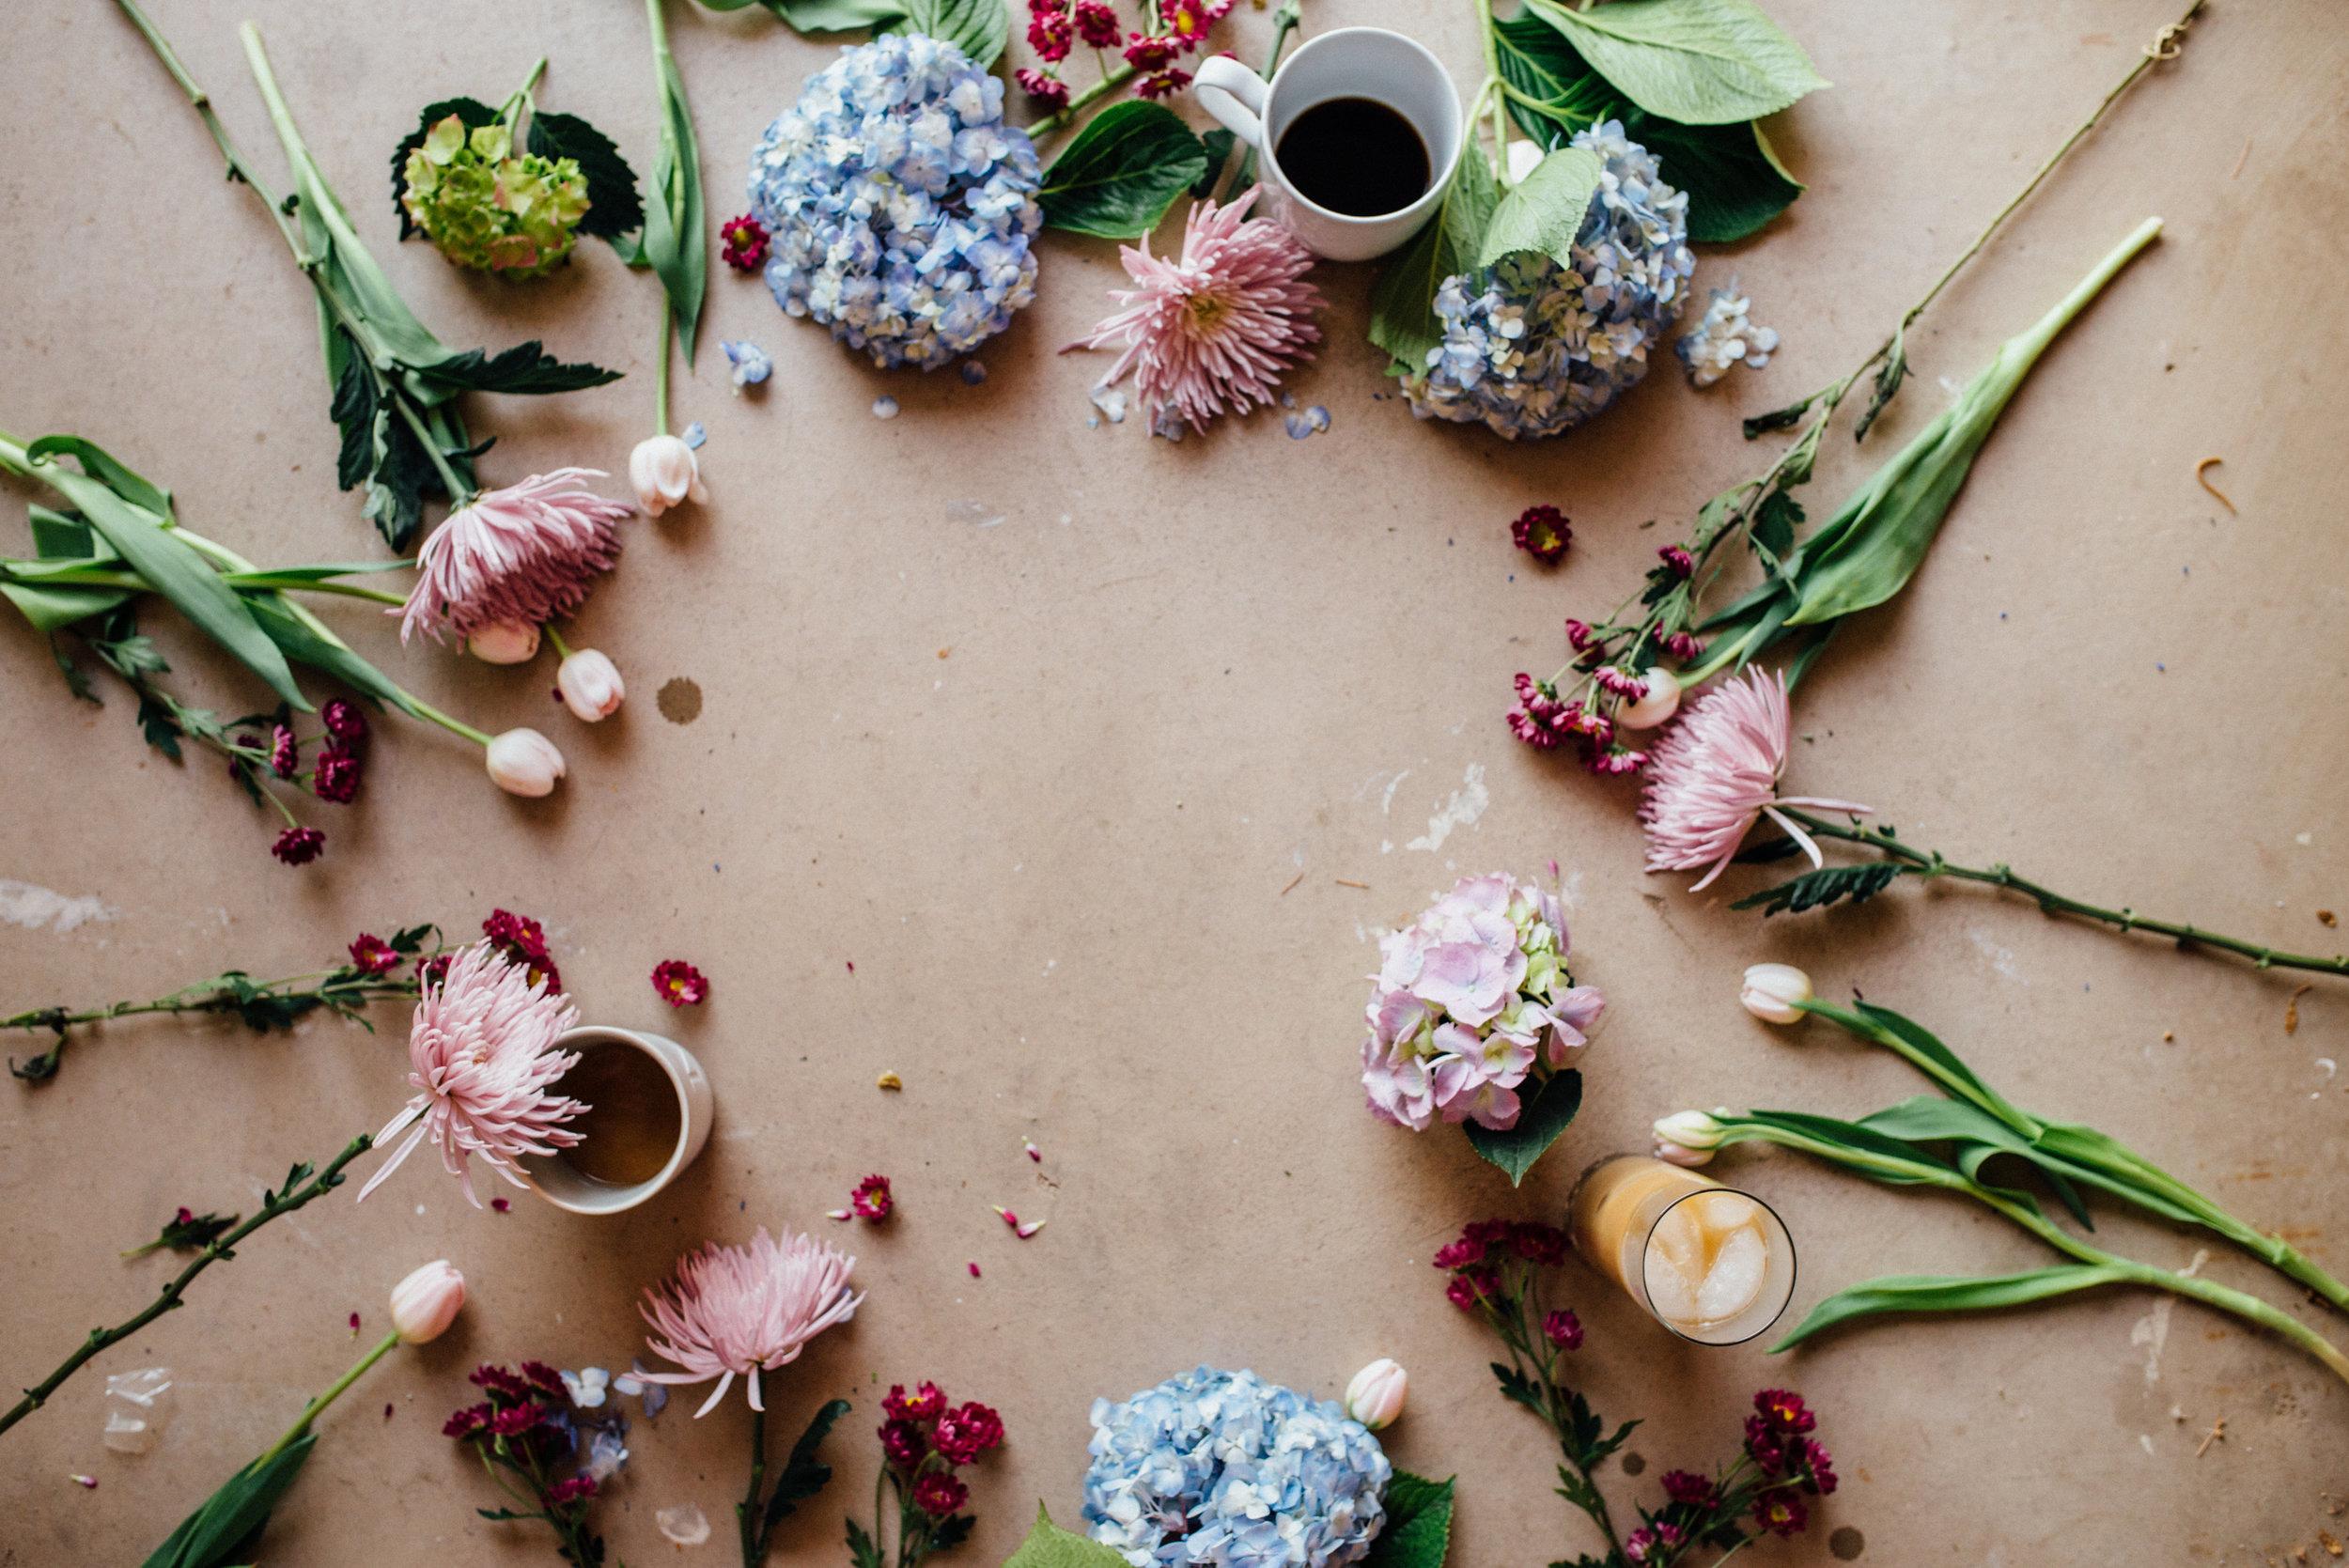 Watercolor Floral Jansport Backpack Coffee Cottage-Jansport-0051.jpg